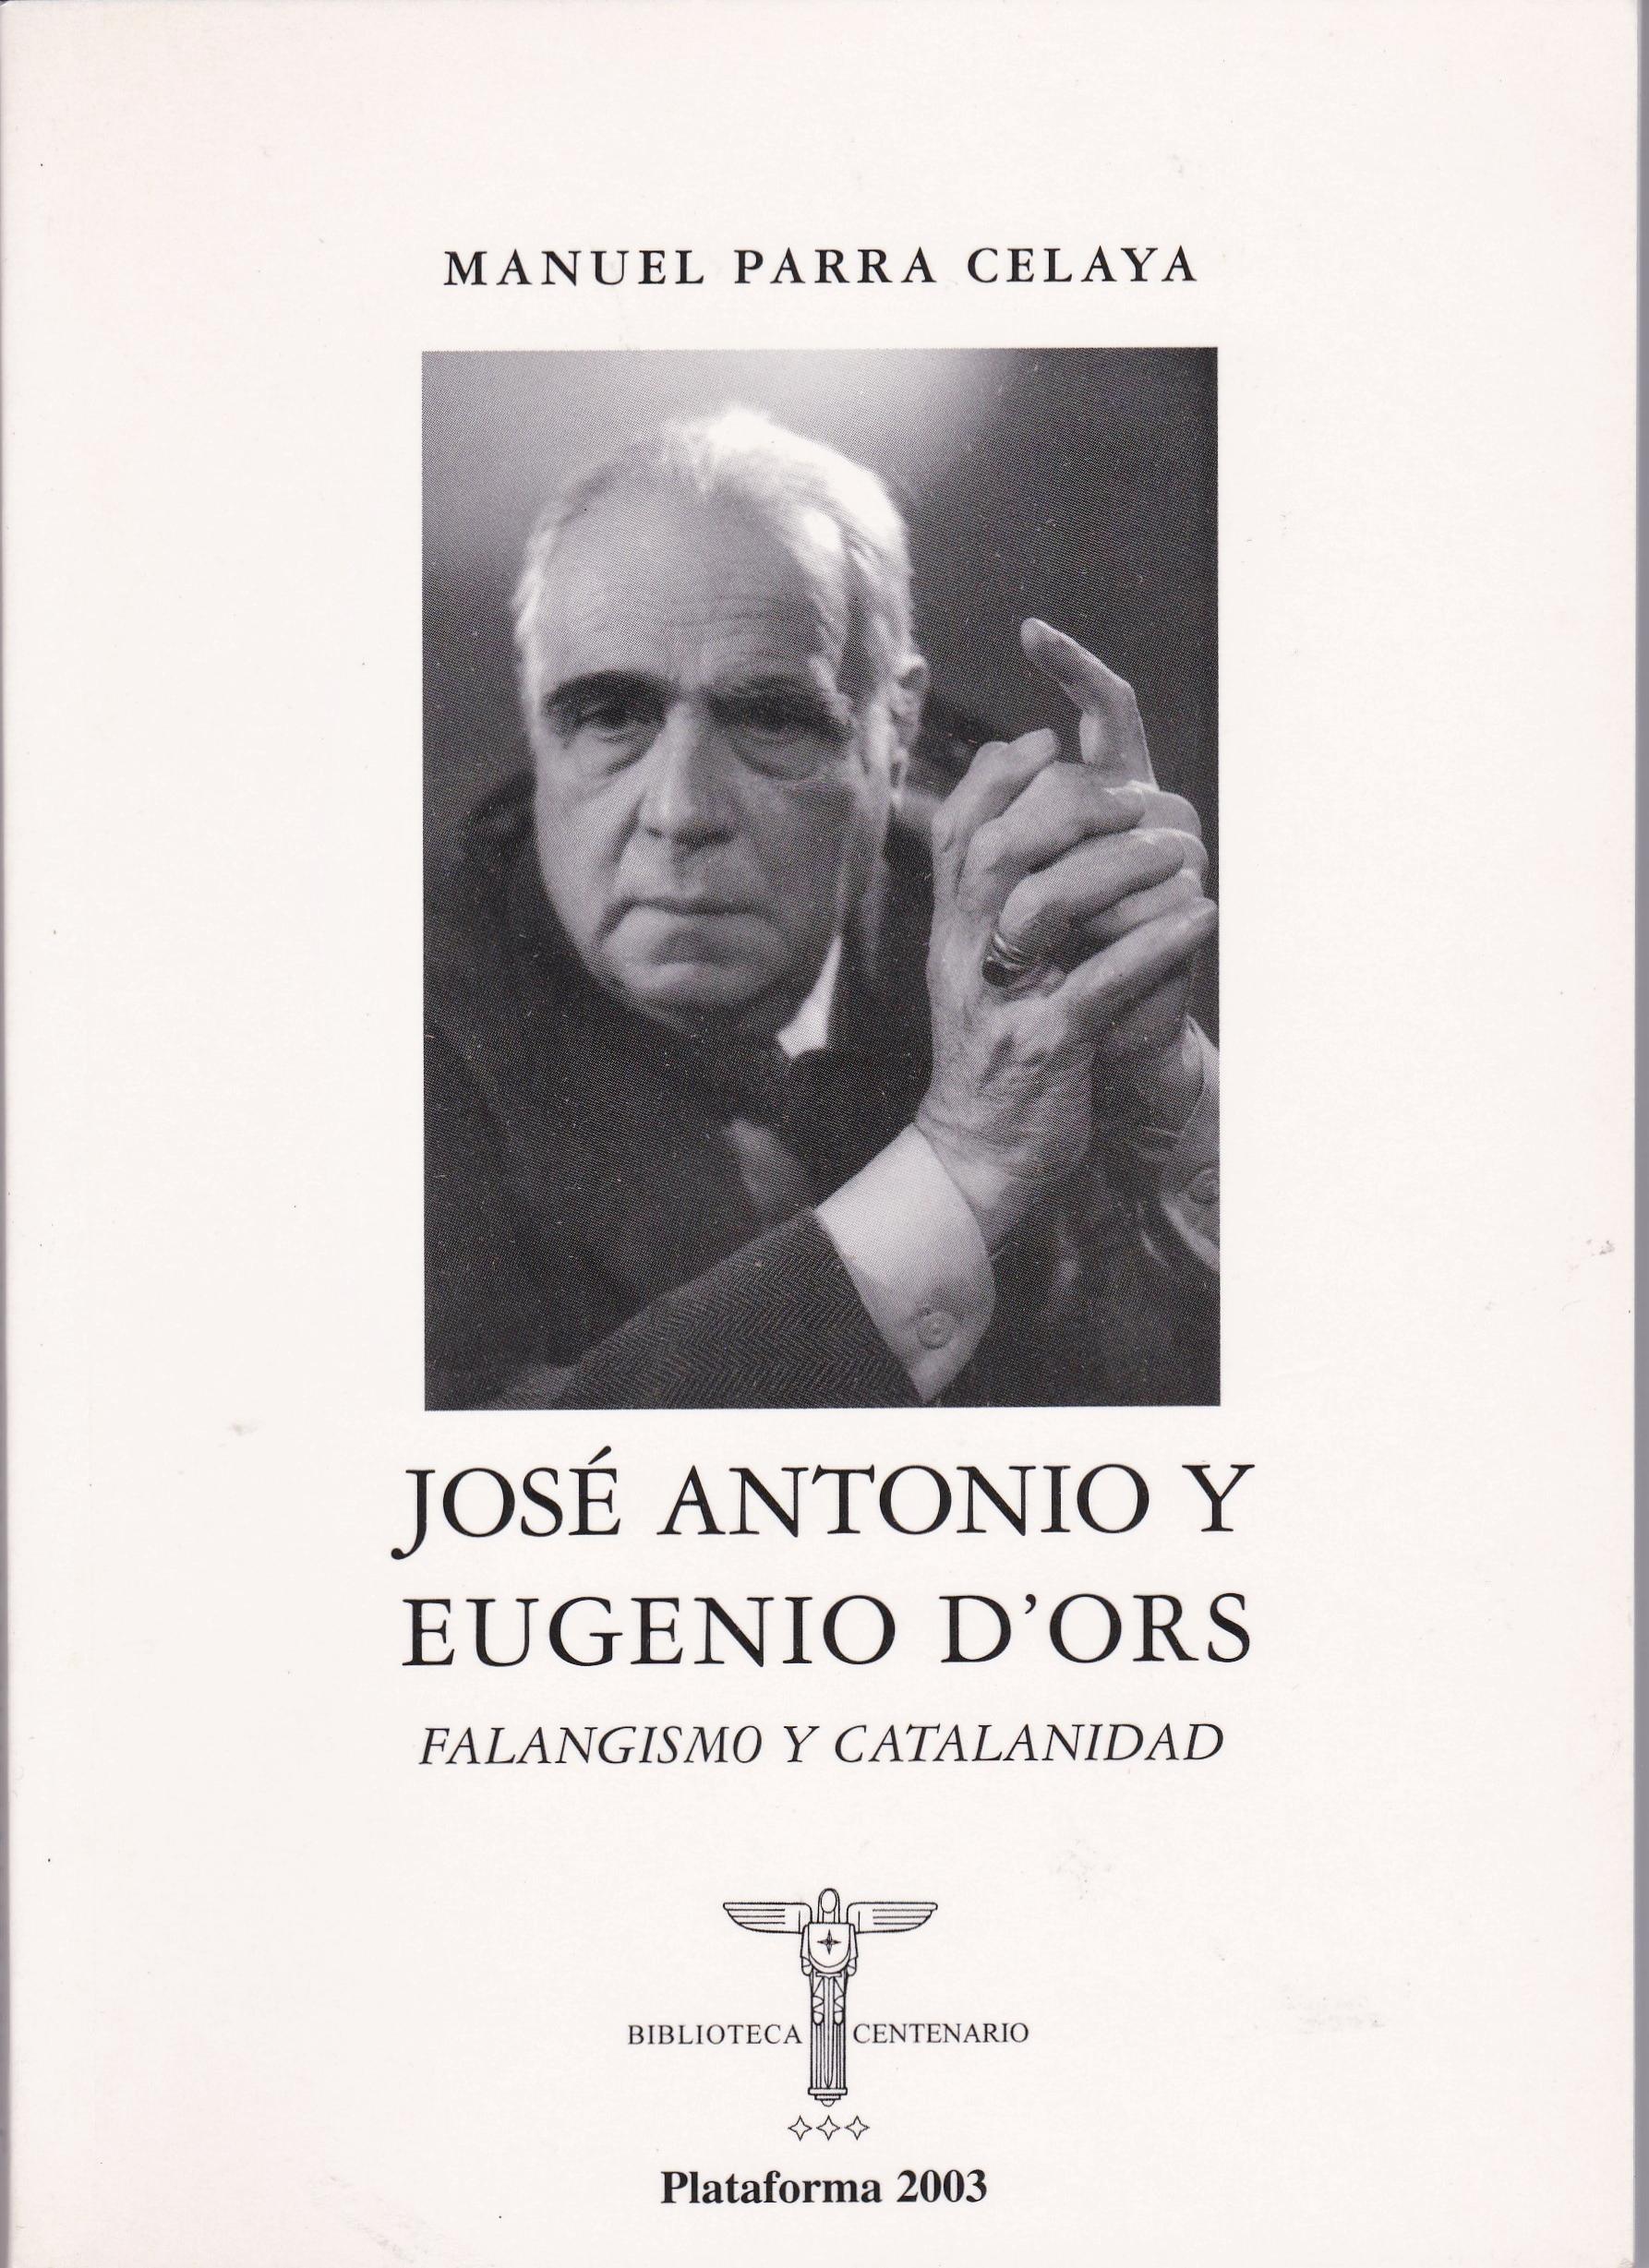 Jose Antonio y Eugenio d Ors manuel parra celaya